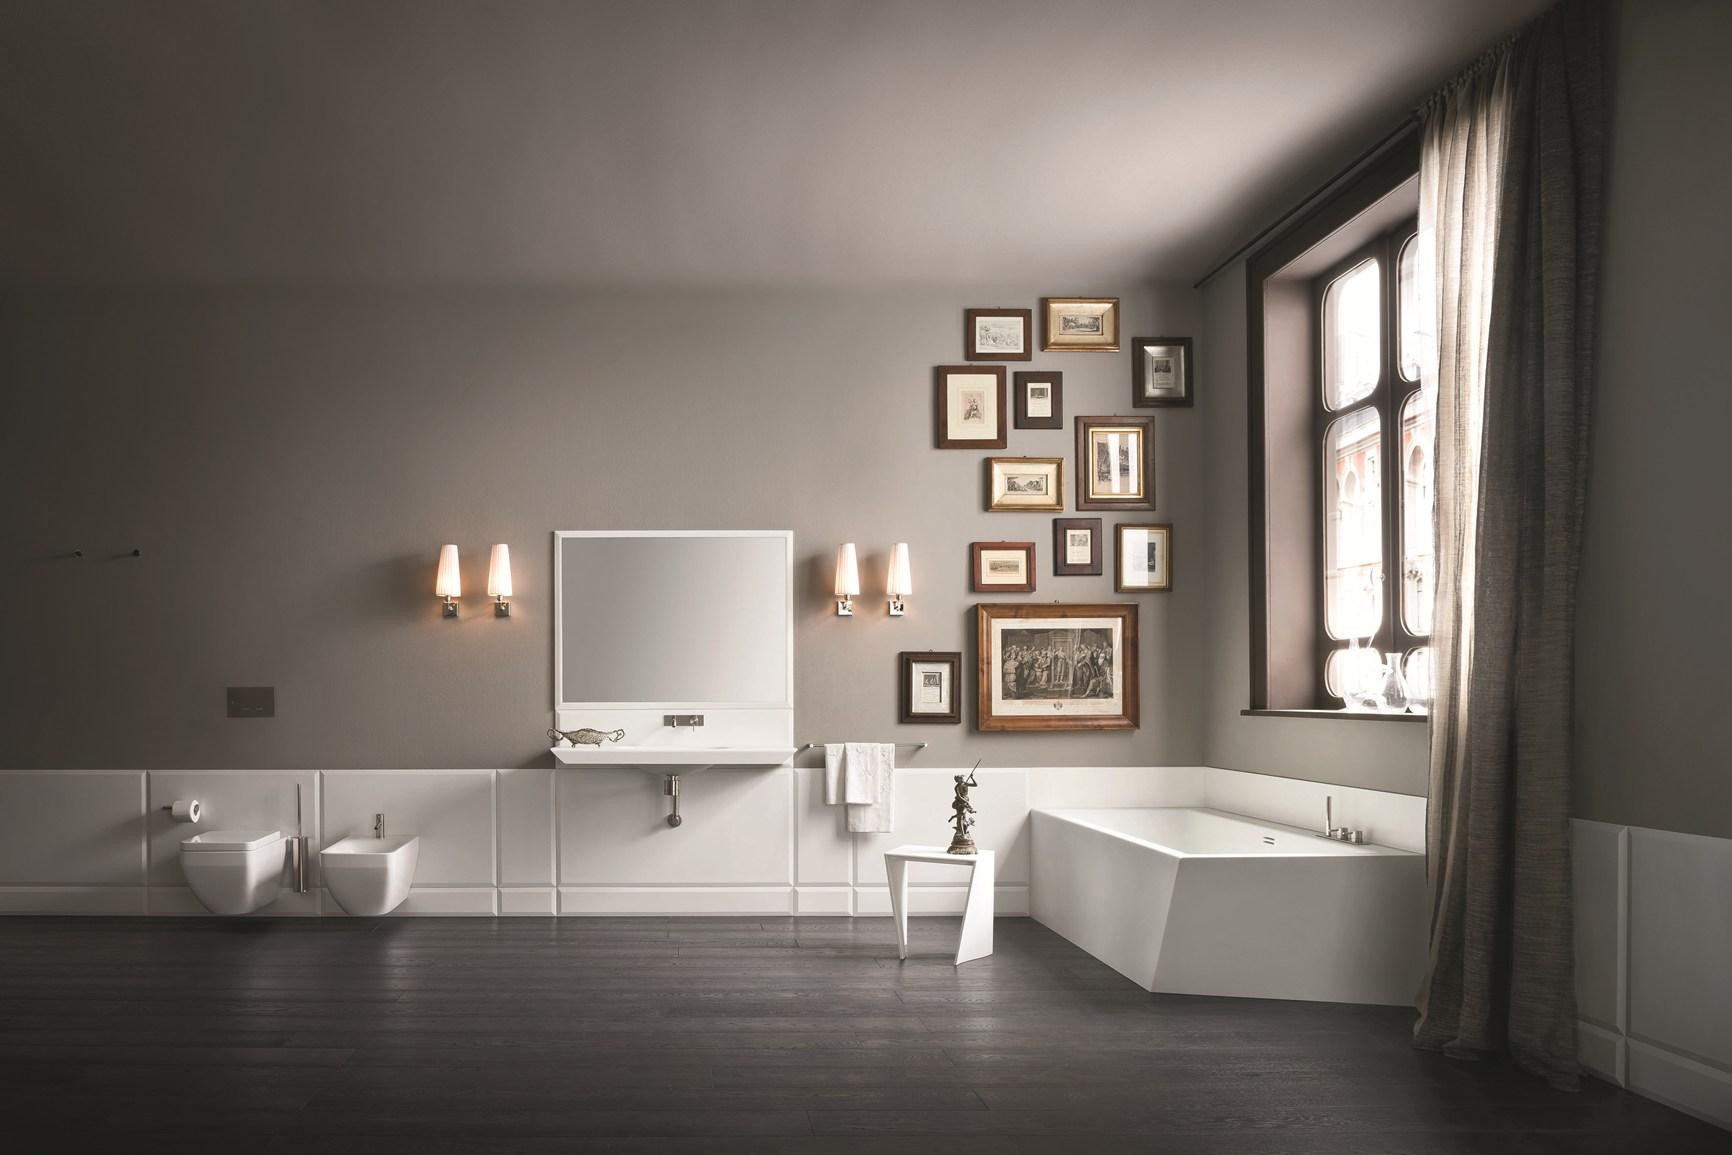 boiserie ceramica per bagno: un grande mobile da bagno con il ... - Boiserie Bagno Classico